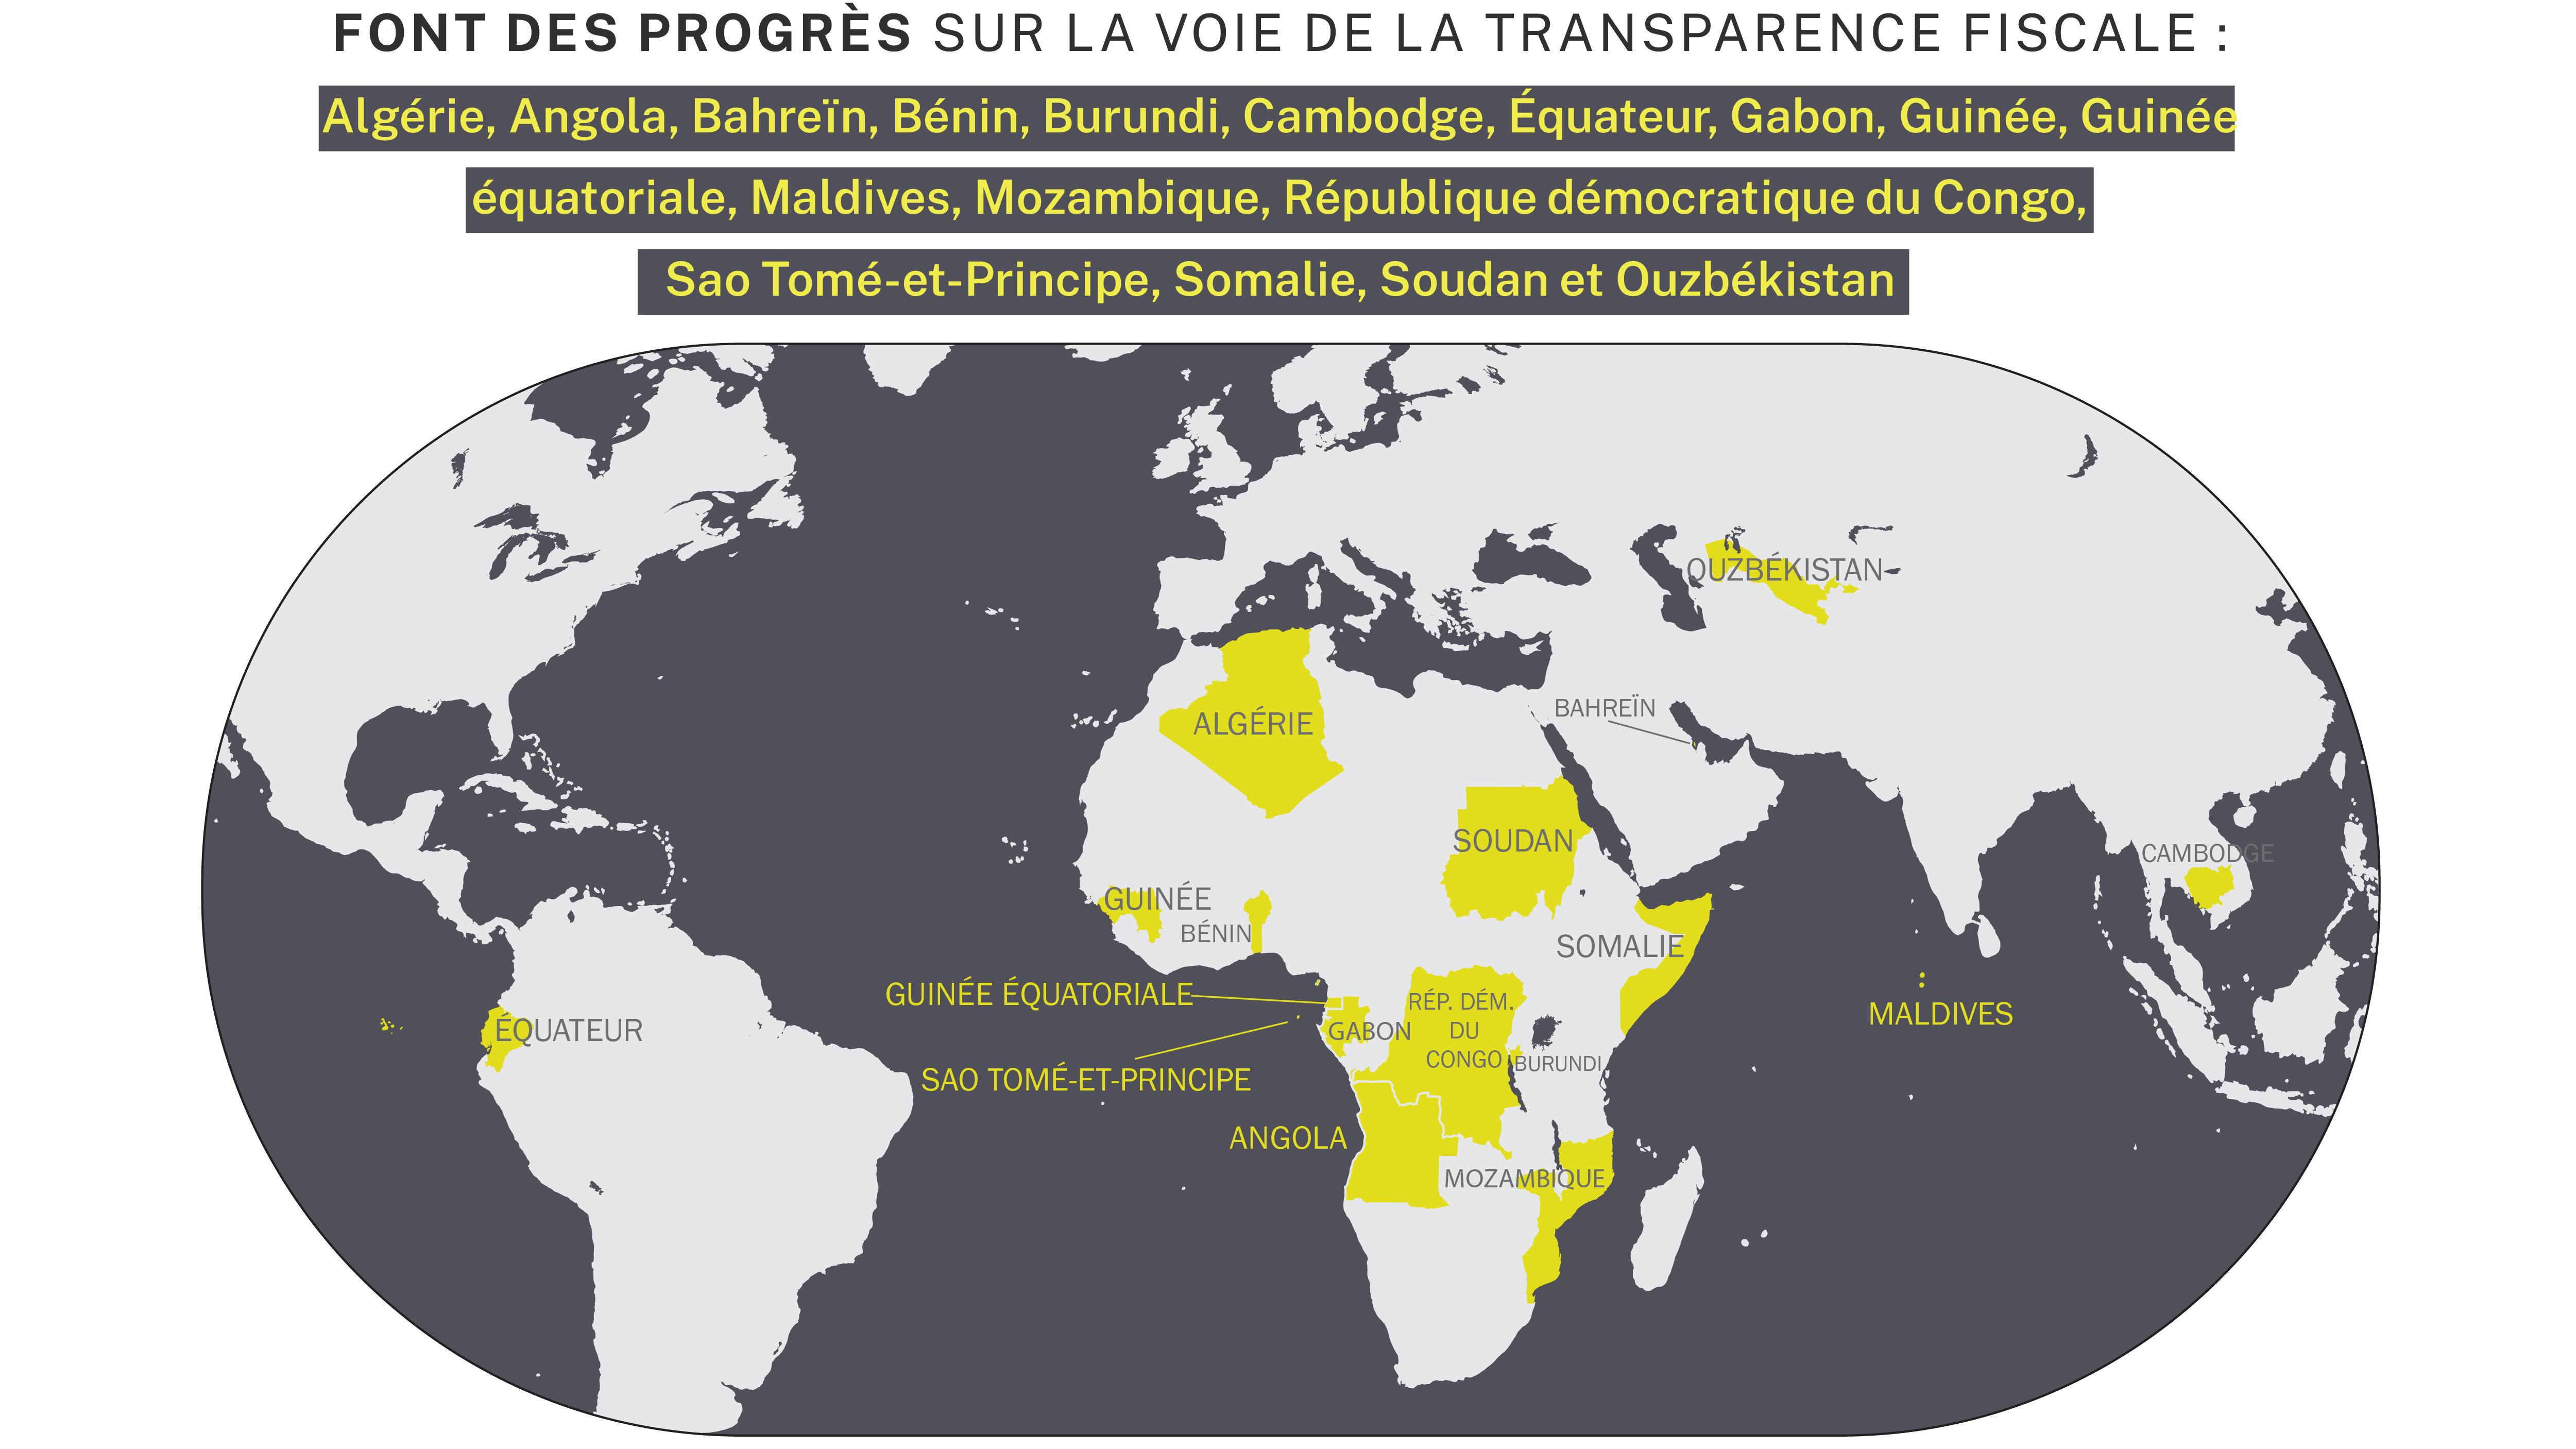 Texte et carte montrant les 17 pays qui progressent sur la voie de la transparence fiscale (Département d'État/S. Gemeny Wilkinson)